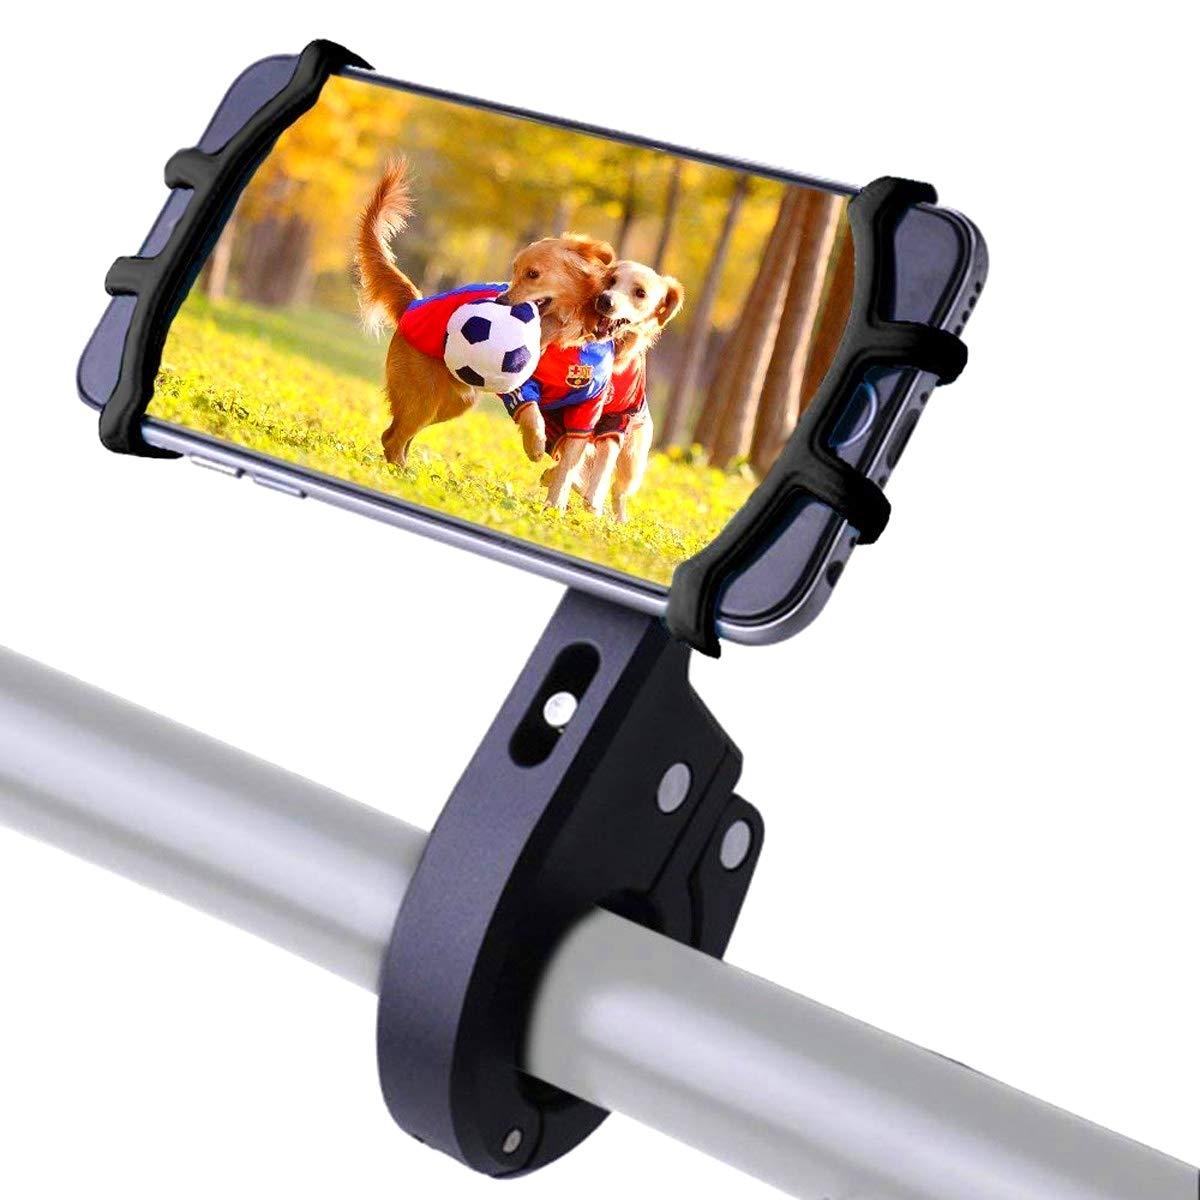 Tenshine Handyhalterung Fahrrad,Universal Handy Halterung Motorrad Handyhalter, 360 Drehen GPS Halter Smartphone Fahrradhalterung kompatibel iPhone X 8 Plus Samsung Galaxy S9 Plus S8 S7 S6